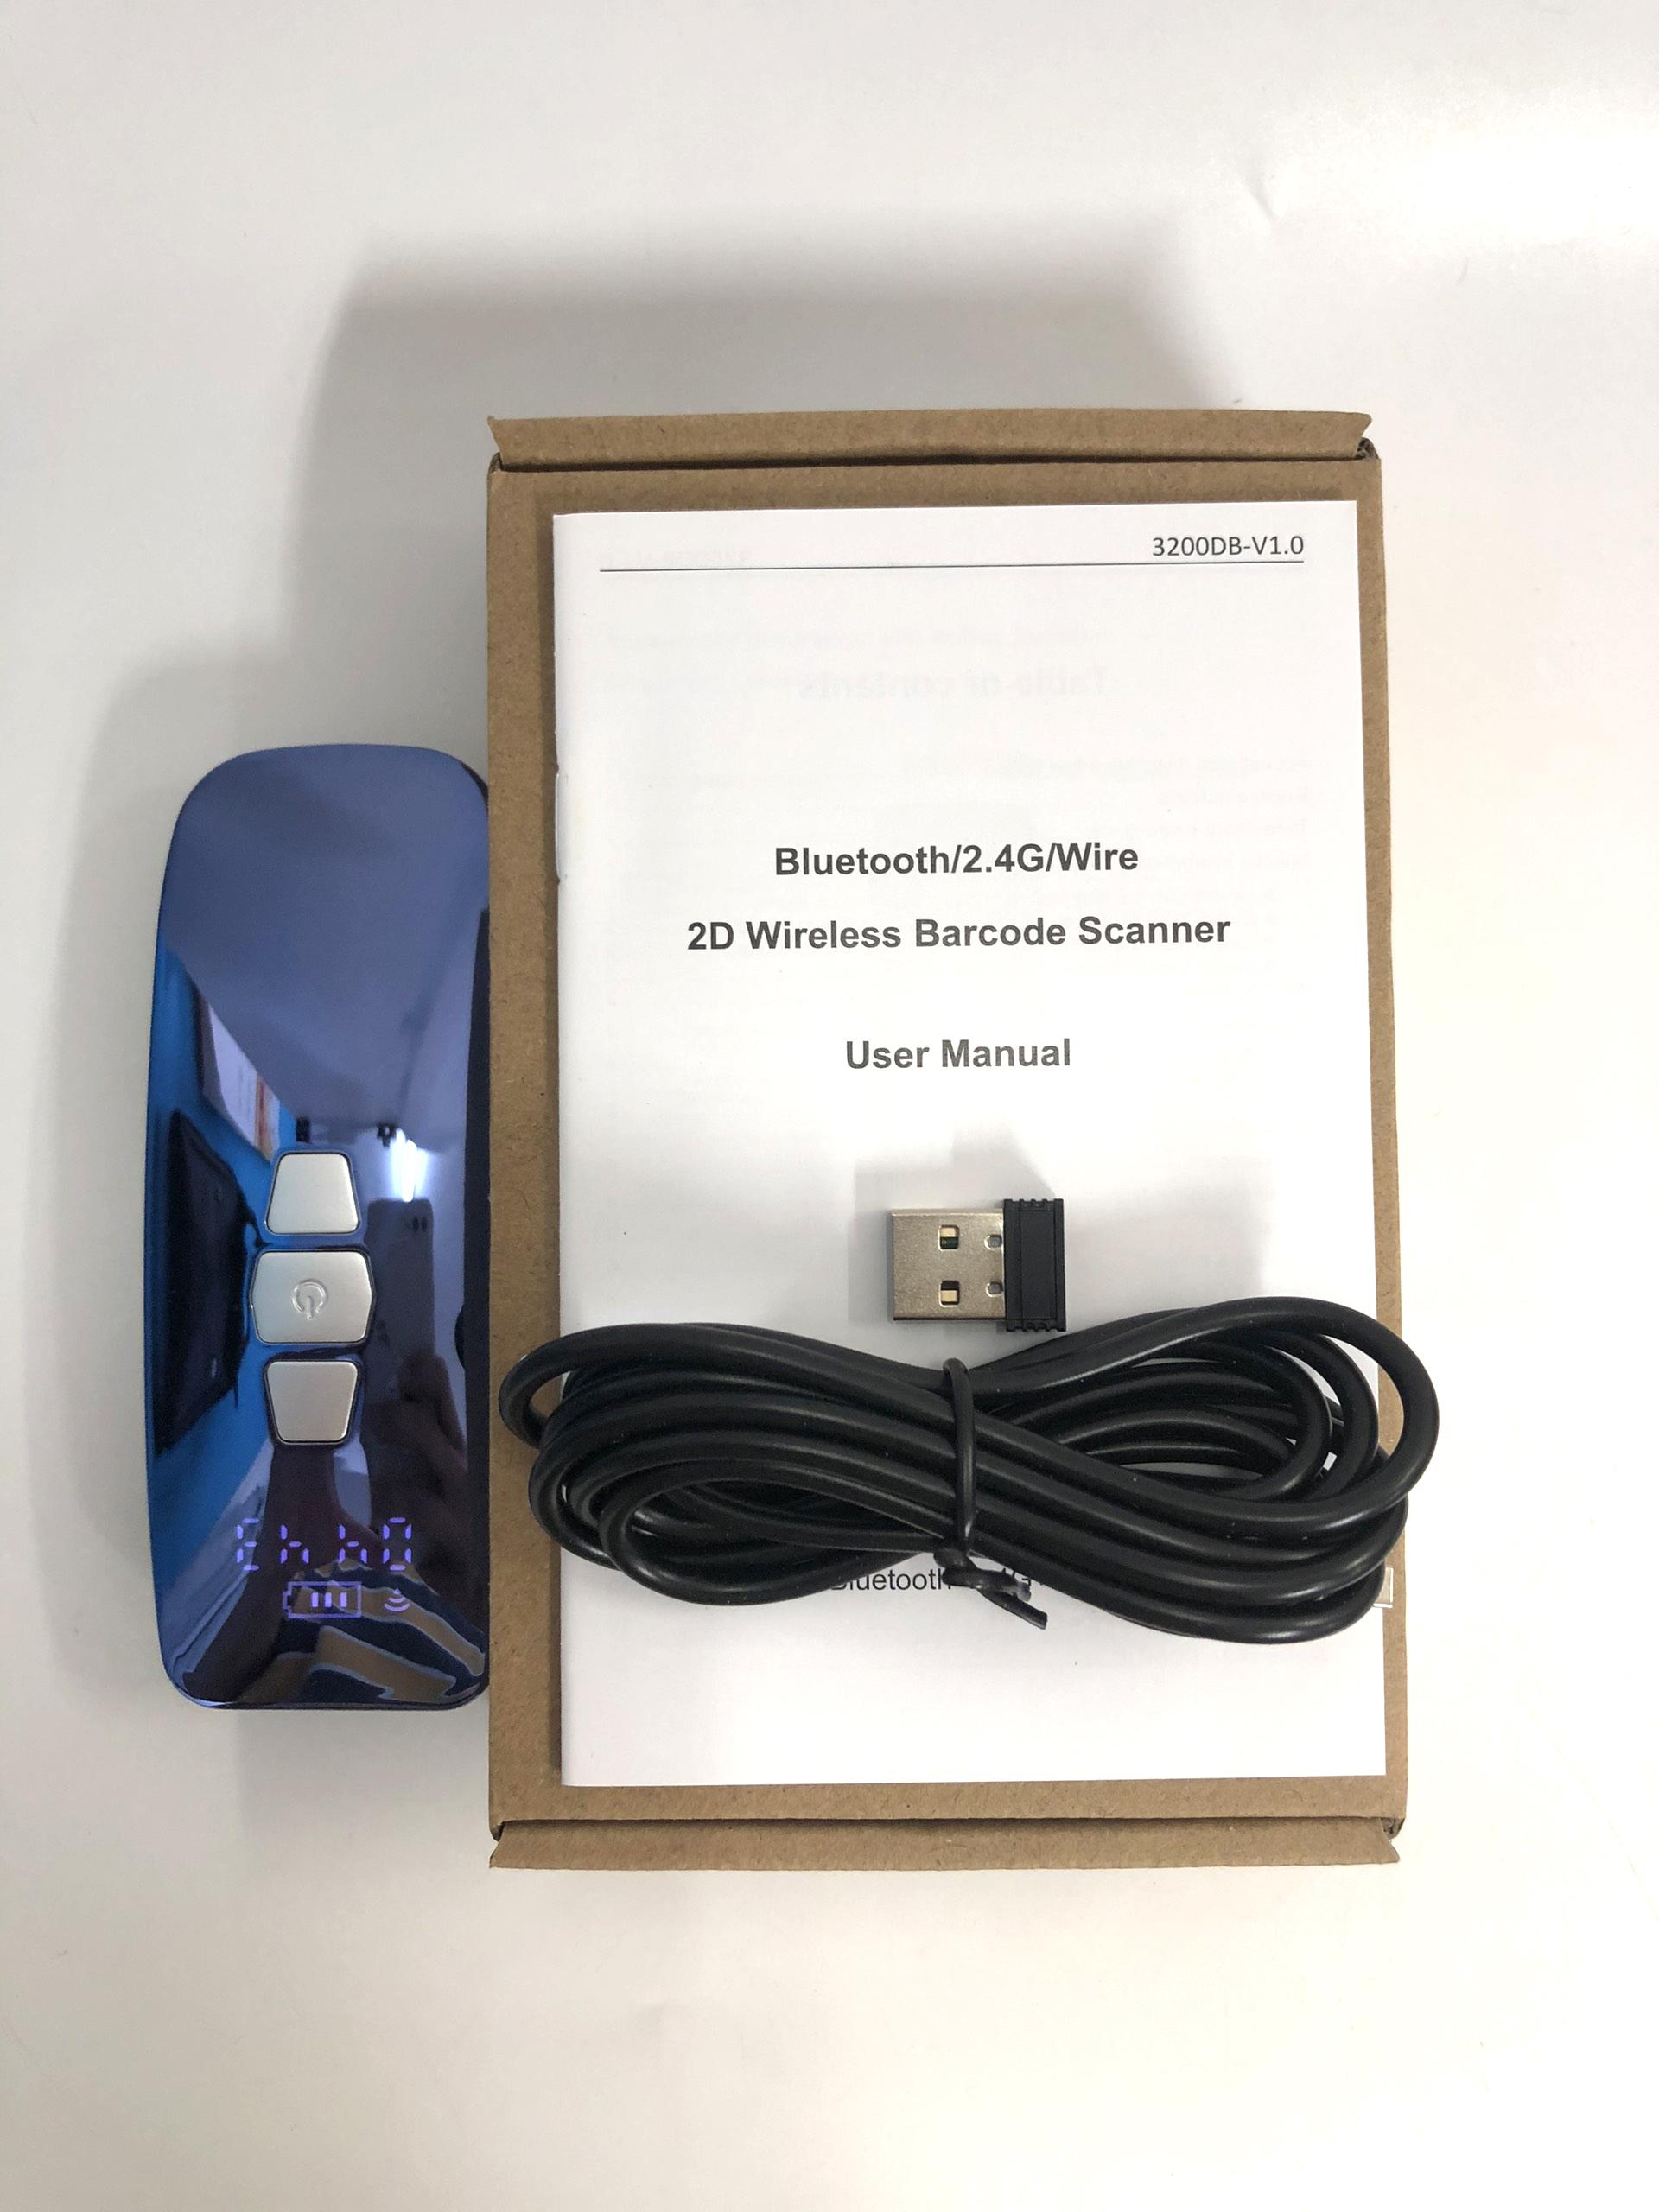 Máy quét mã vạch Mini nhỏ gọn YHDAA 3200DB 2D kết nối Bluetooth/ USB/ Có dây hỗ trợ quét mã Qrcode hiện thông tin thời gian quét dùng trên Điện thoại, Máy tính - Hàng Nhập Khẩu